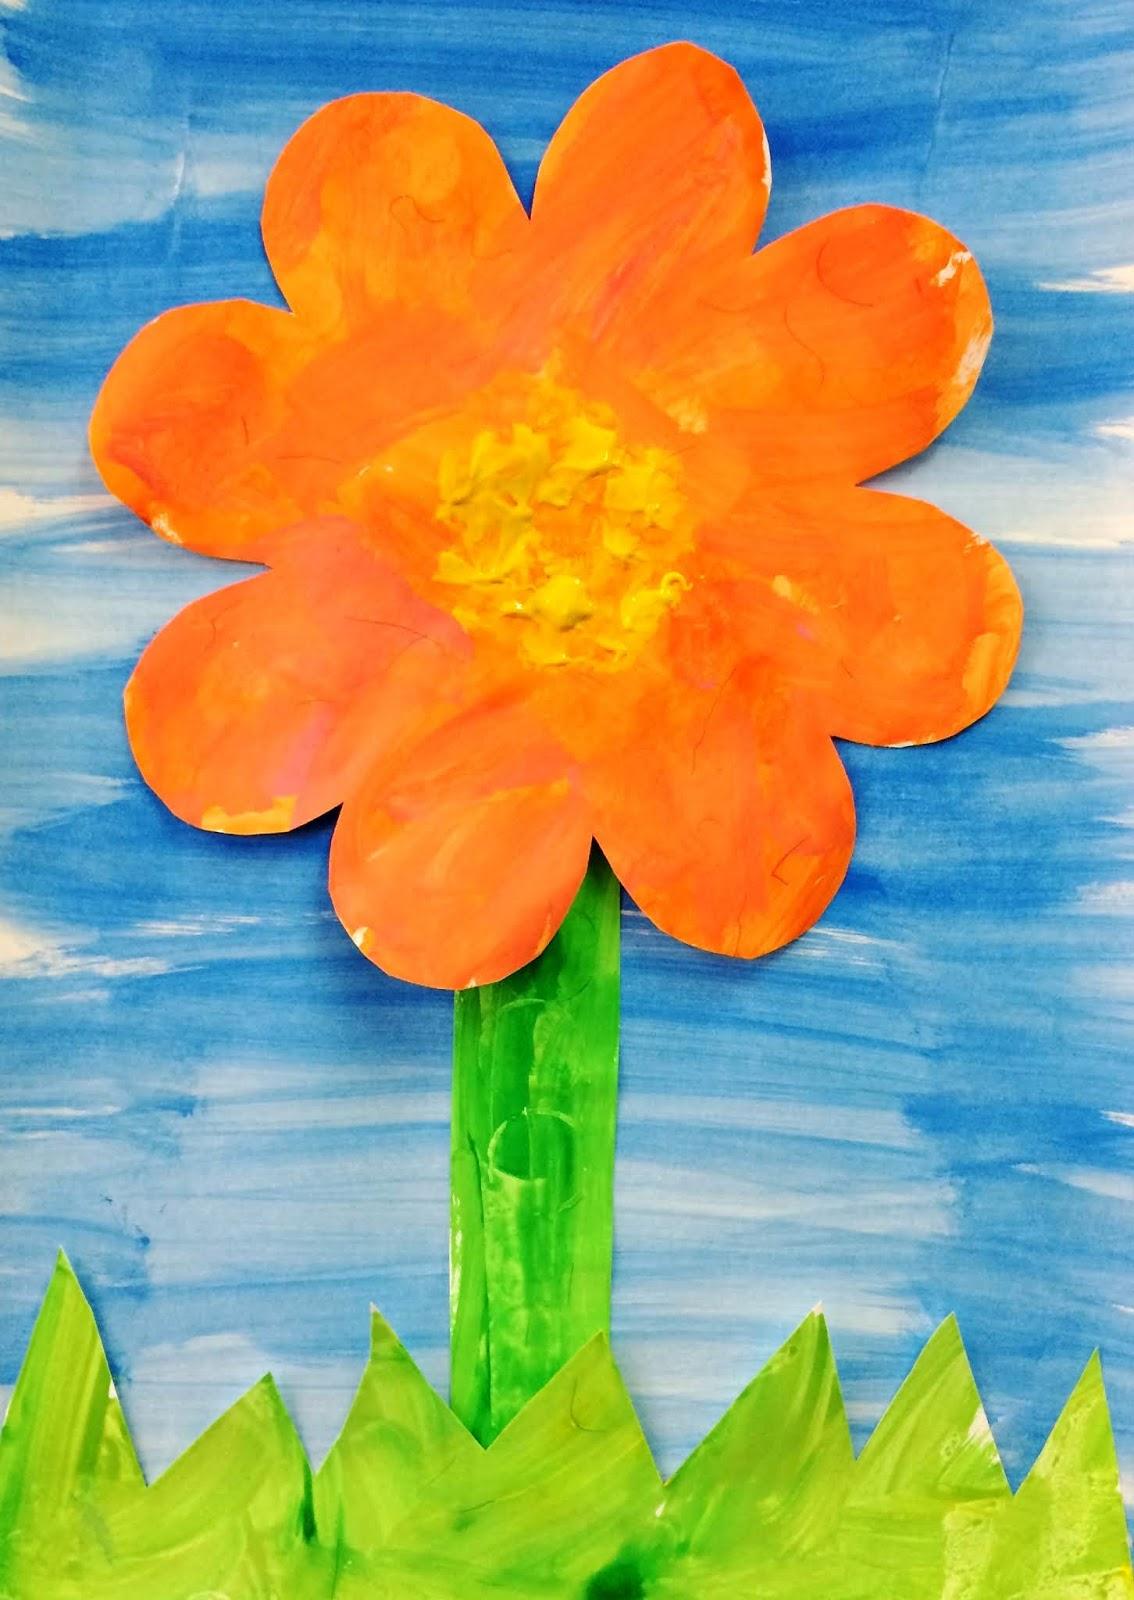 Flori, flori, multe flori, într-o mie de culori!